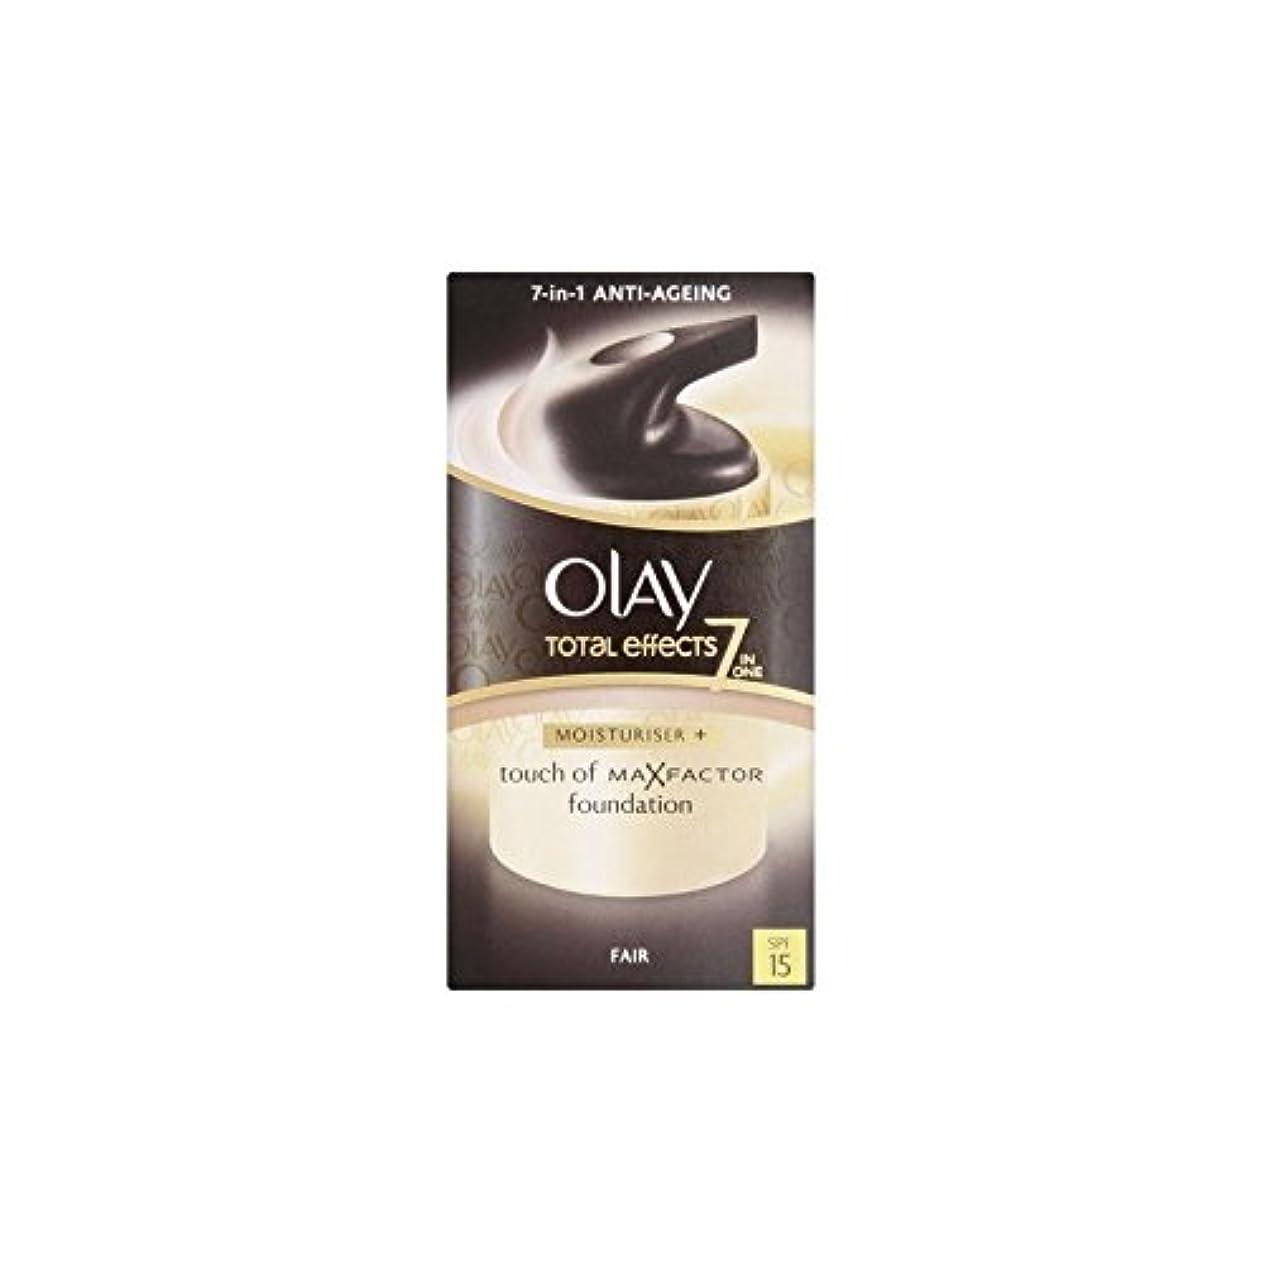 冗談で領事館巻き取りOlay Total Effects Moisturiser Bb Cream Spf15 - Fair (50ml) - オーレイトータルエフェクト保湿クリーム15 - フェア(50ミリリットル) [並行輸入品]